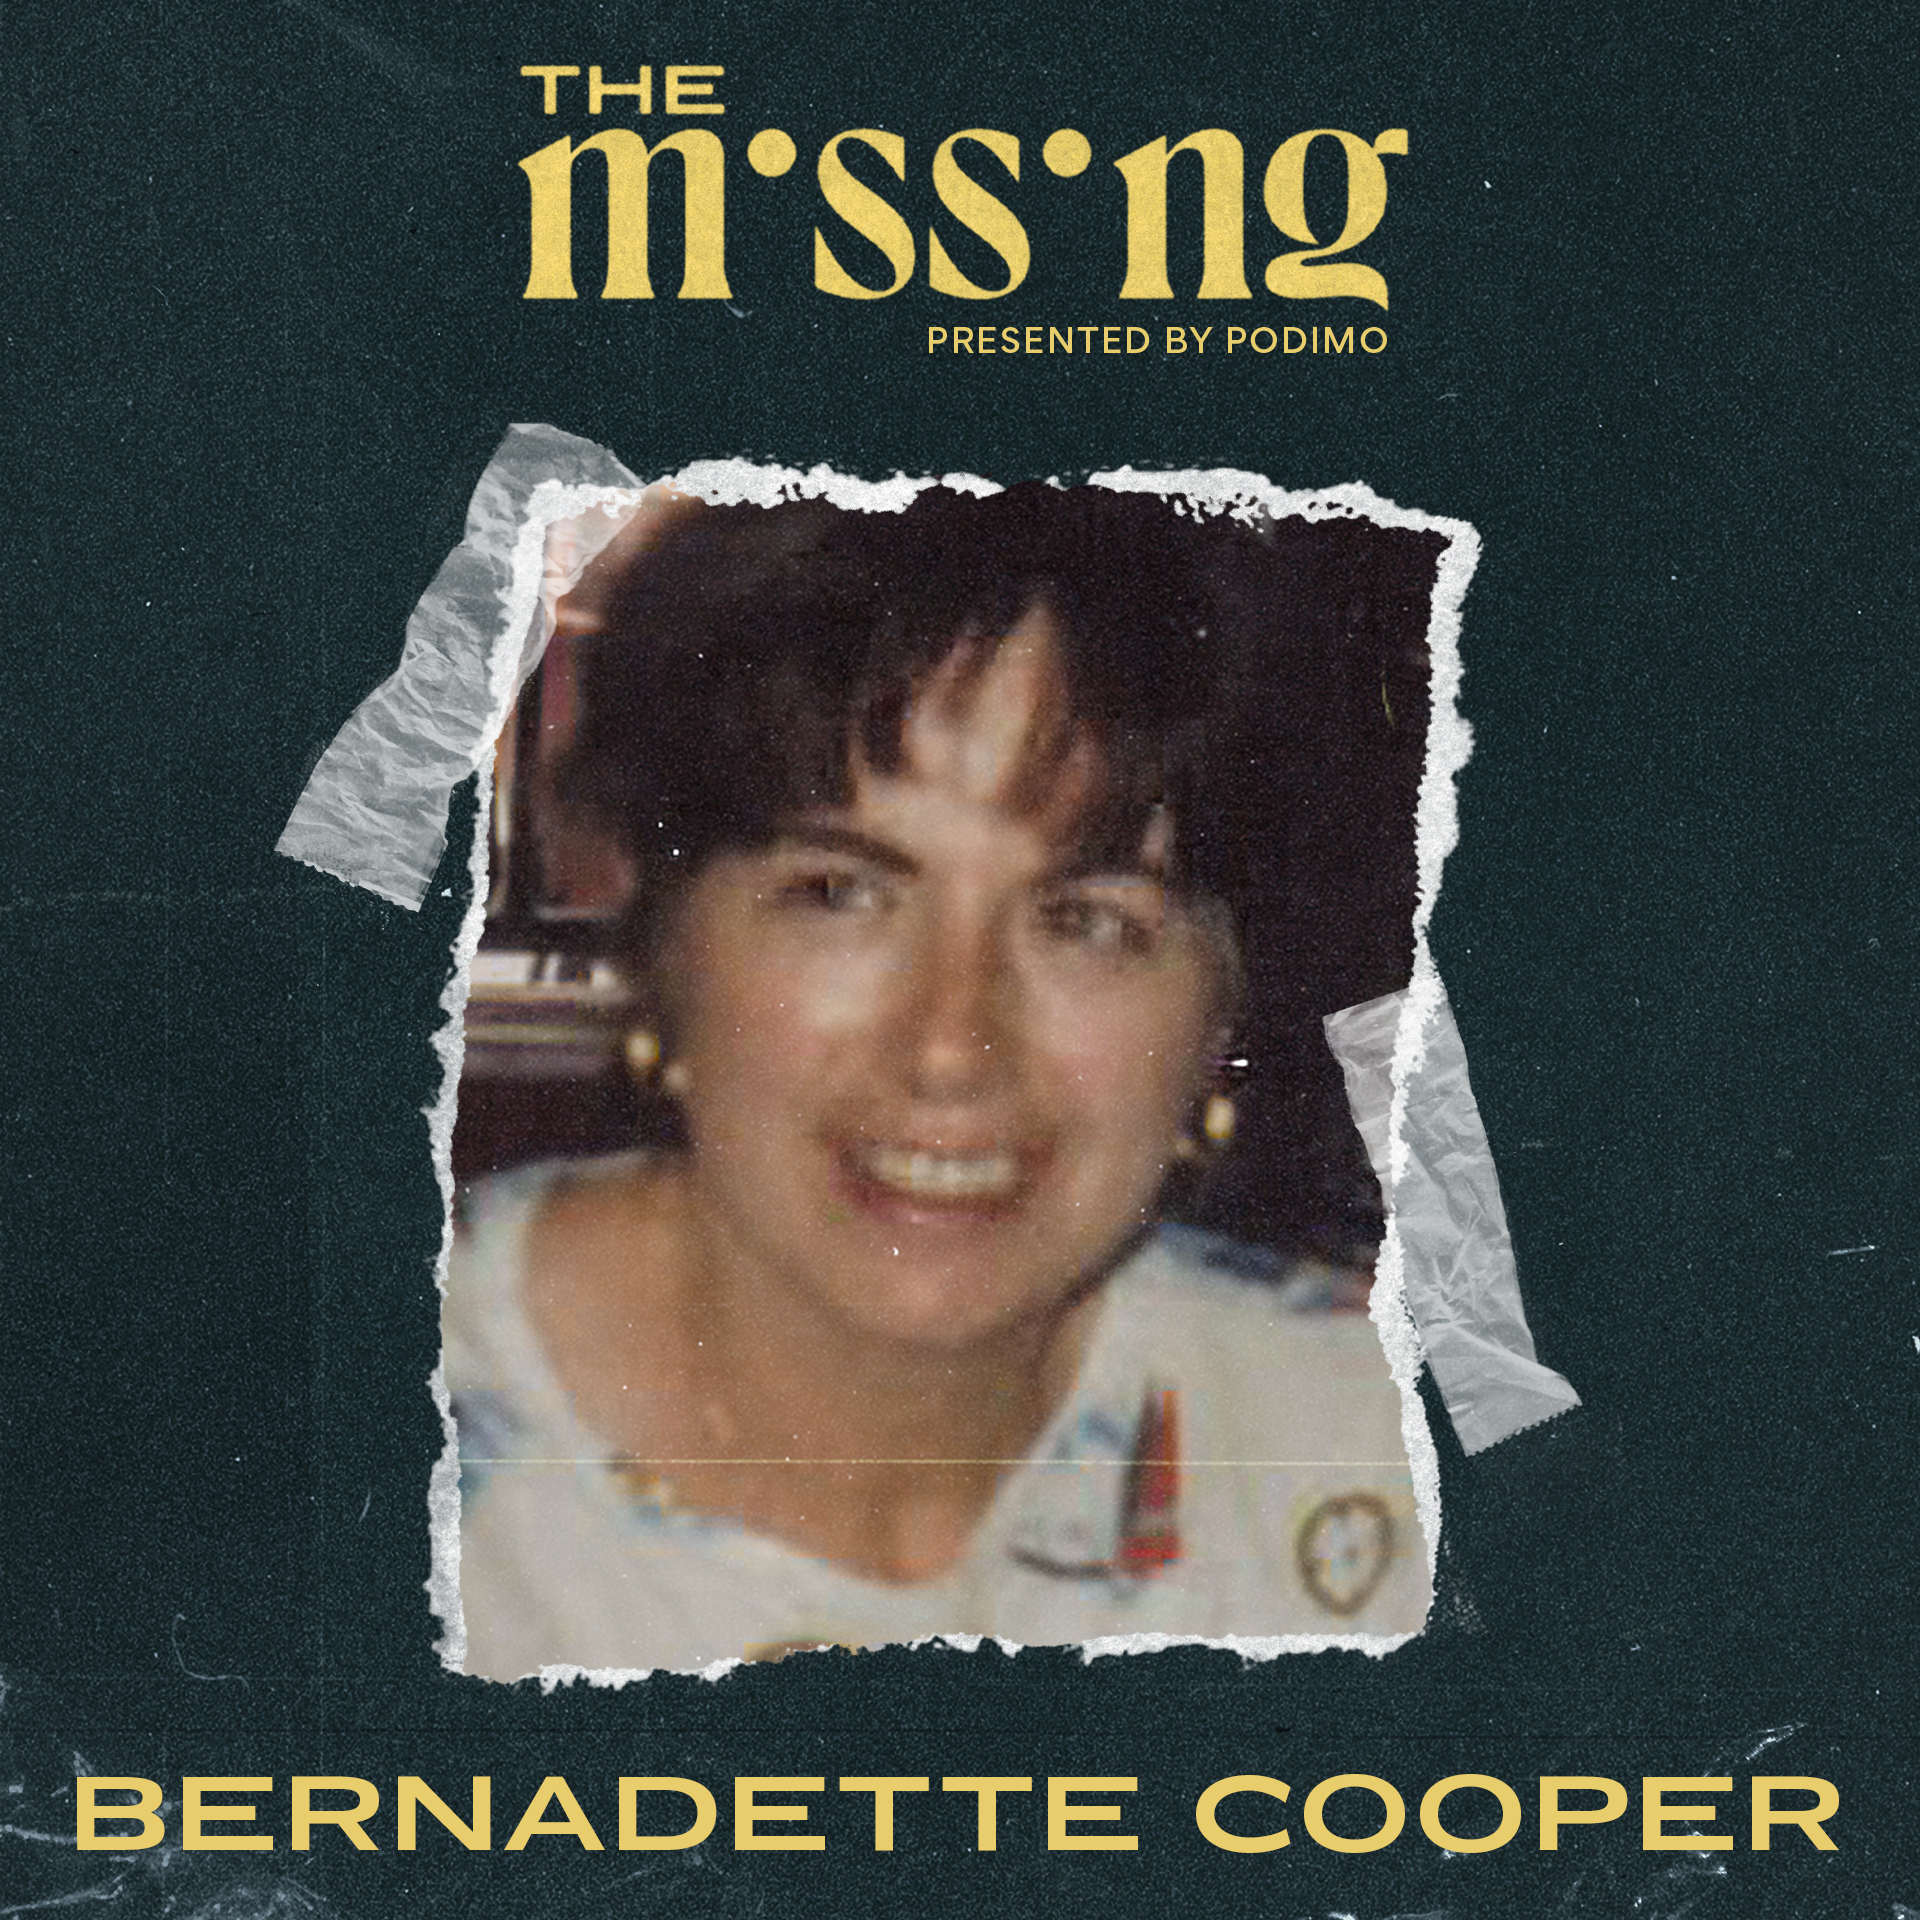 Bernadette Cooper